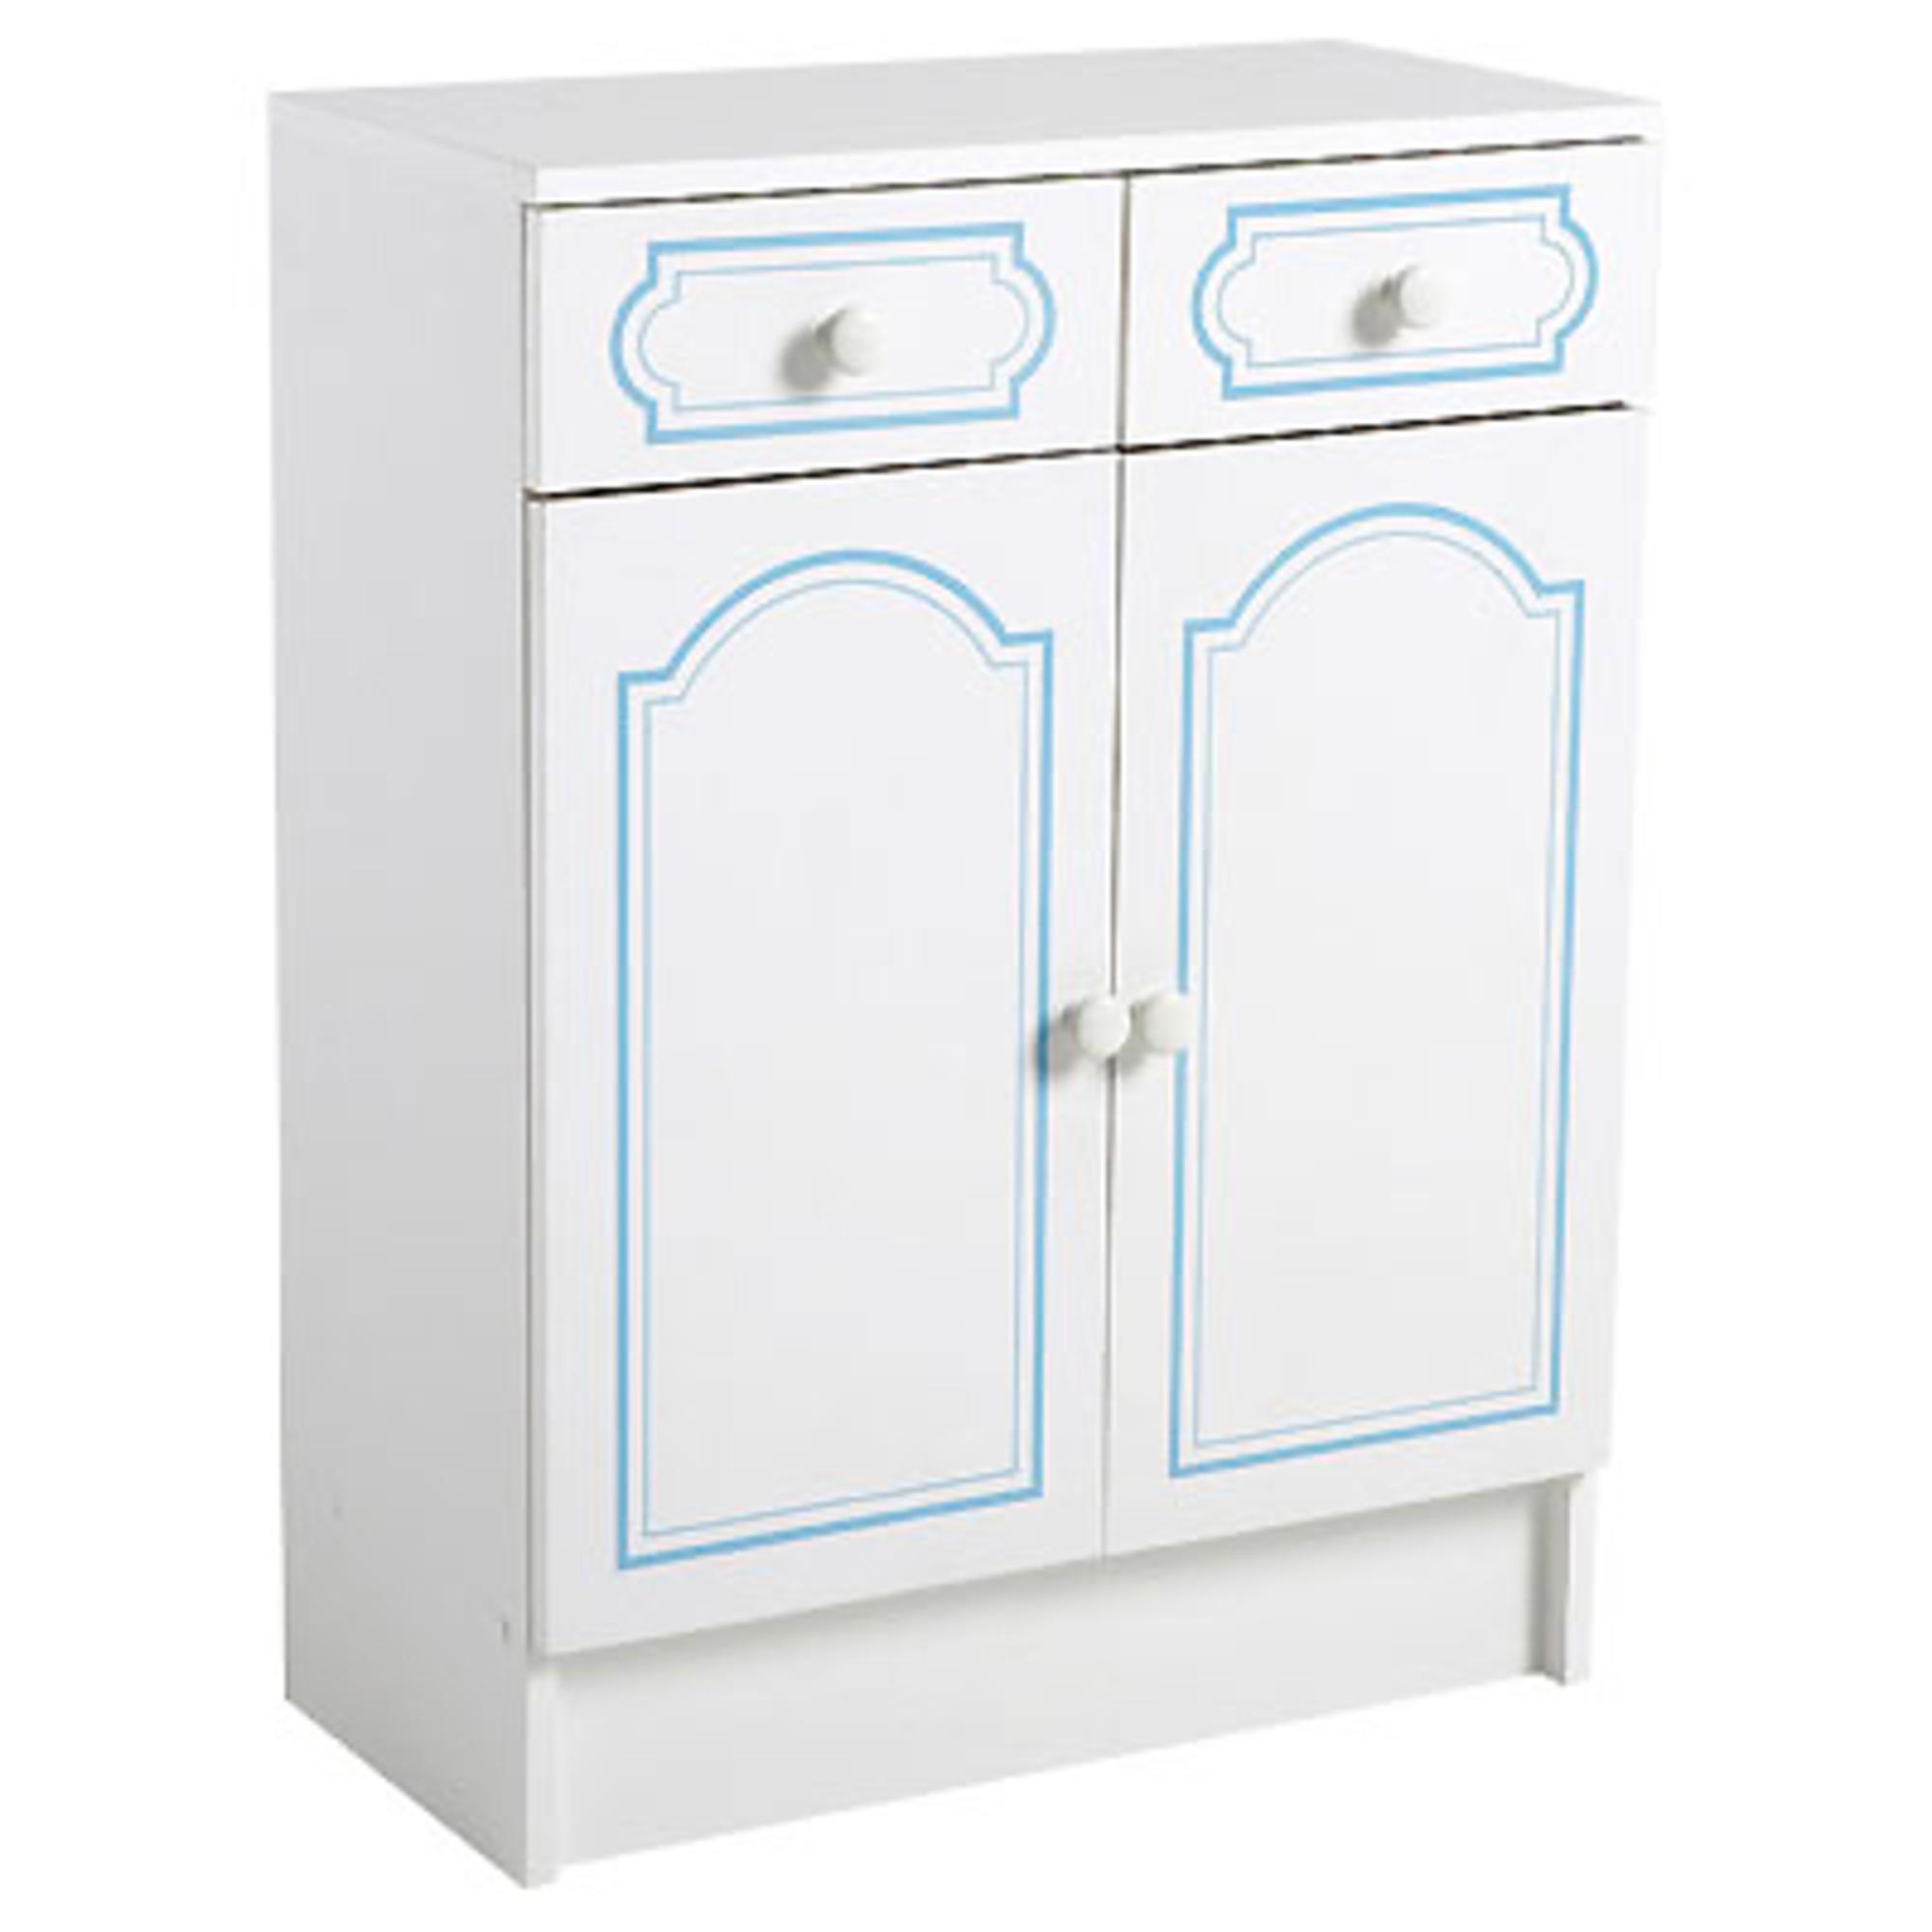 Meuble bas 2 portes 2 tiroirs salle de bain belle ile - Meuble salle de bain avec tiroir ...